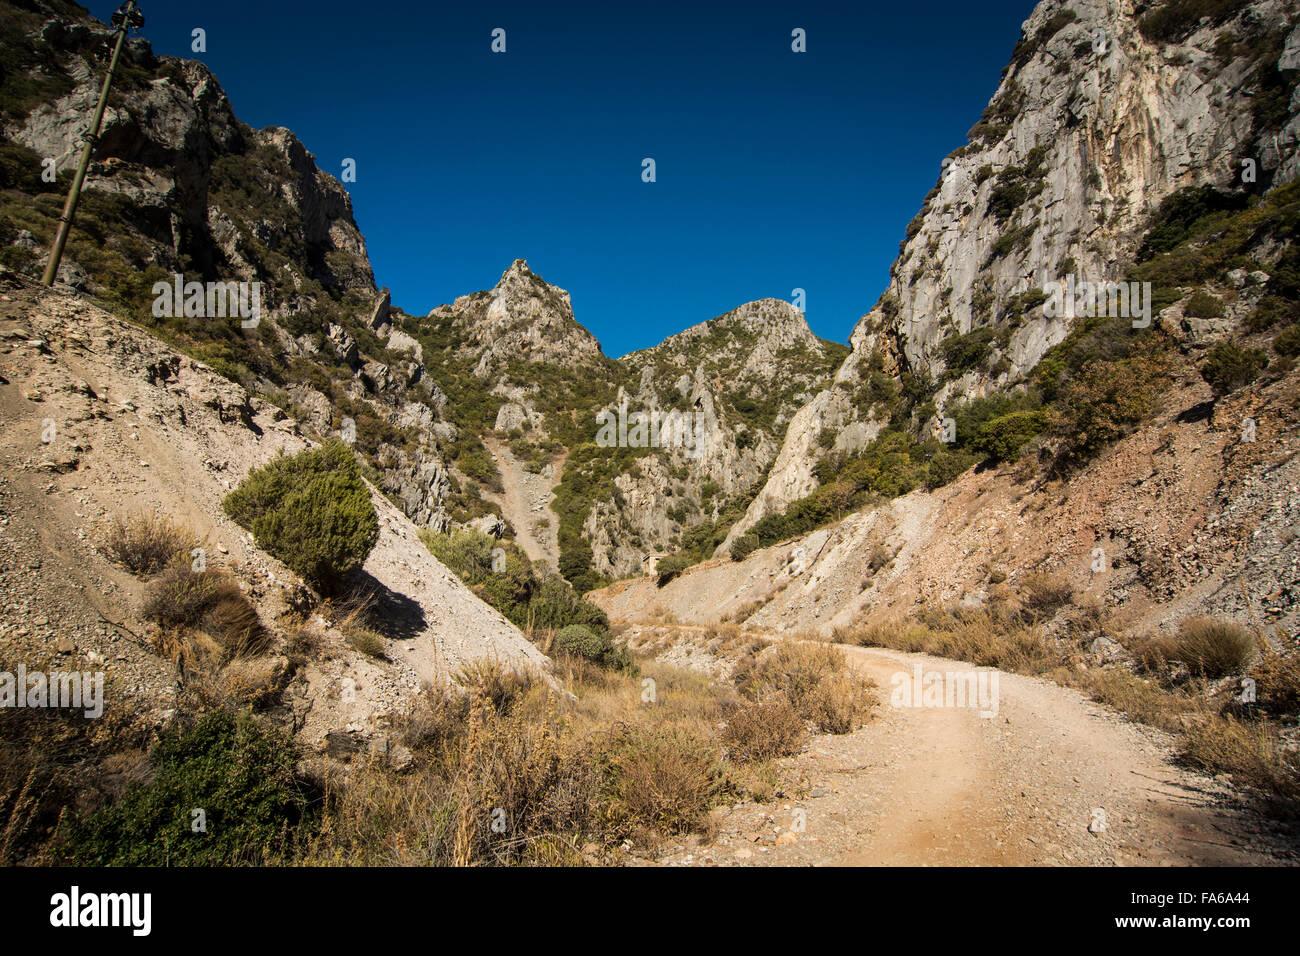 Sardinia outdoors - Stock Image